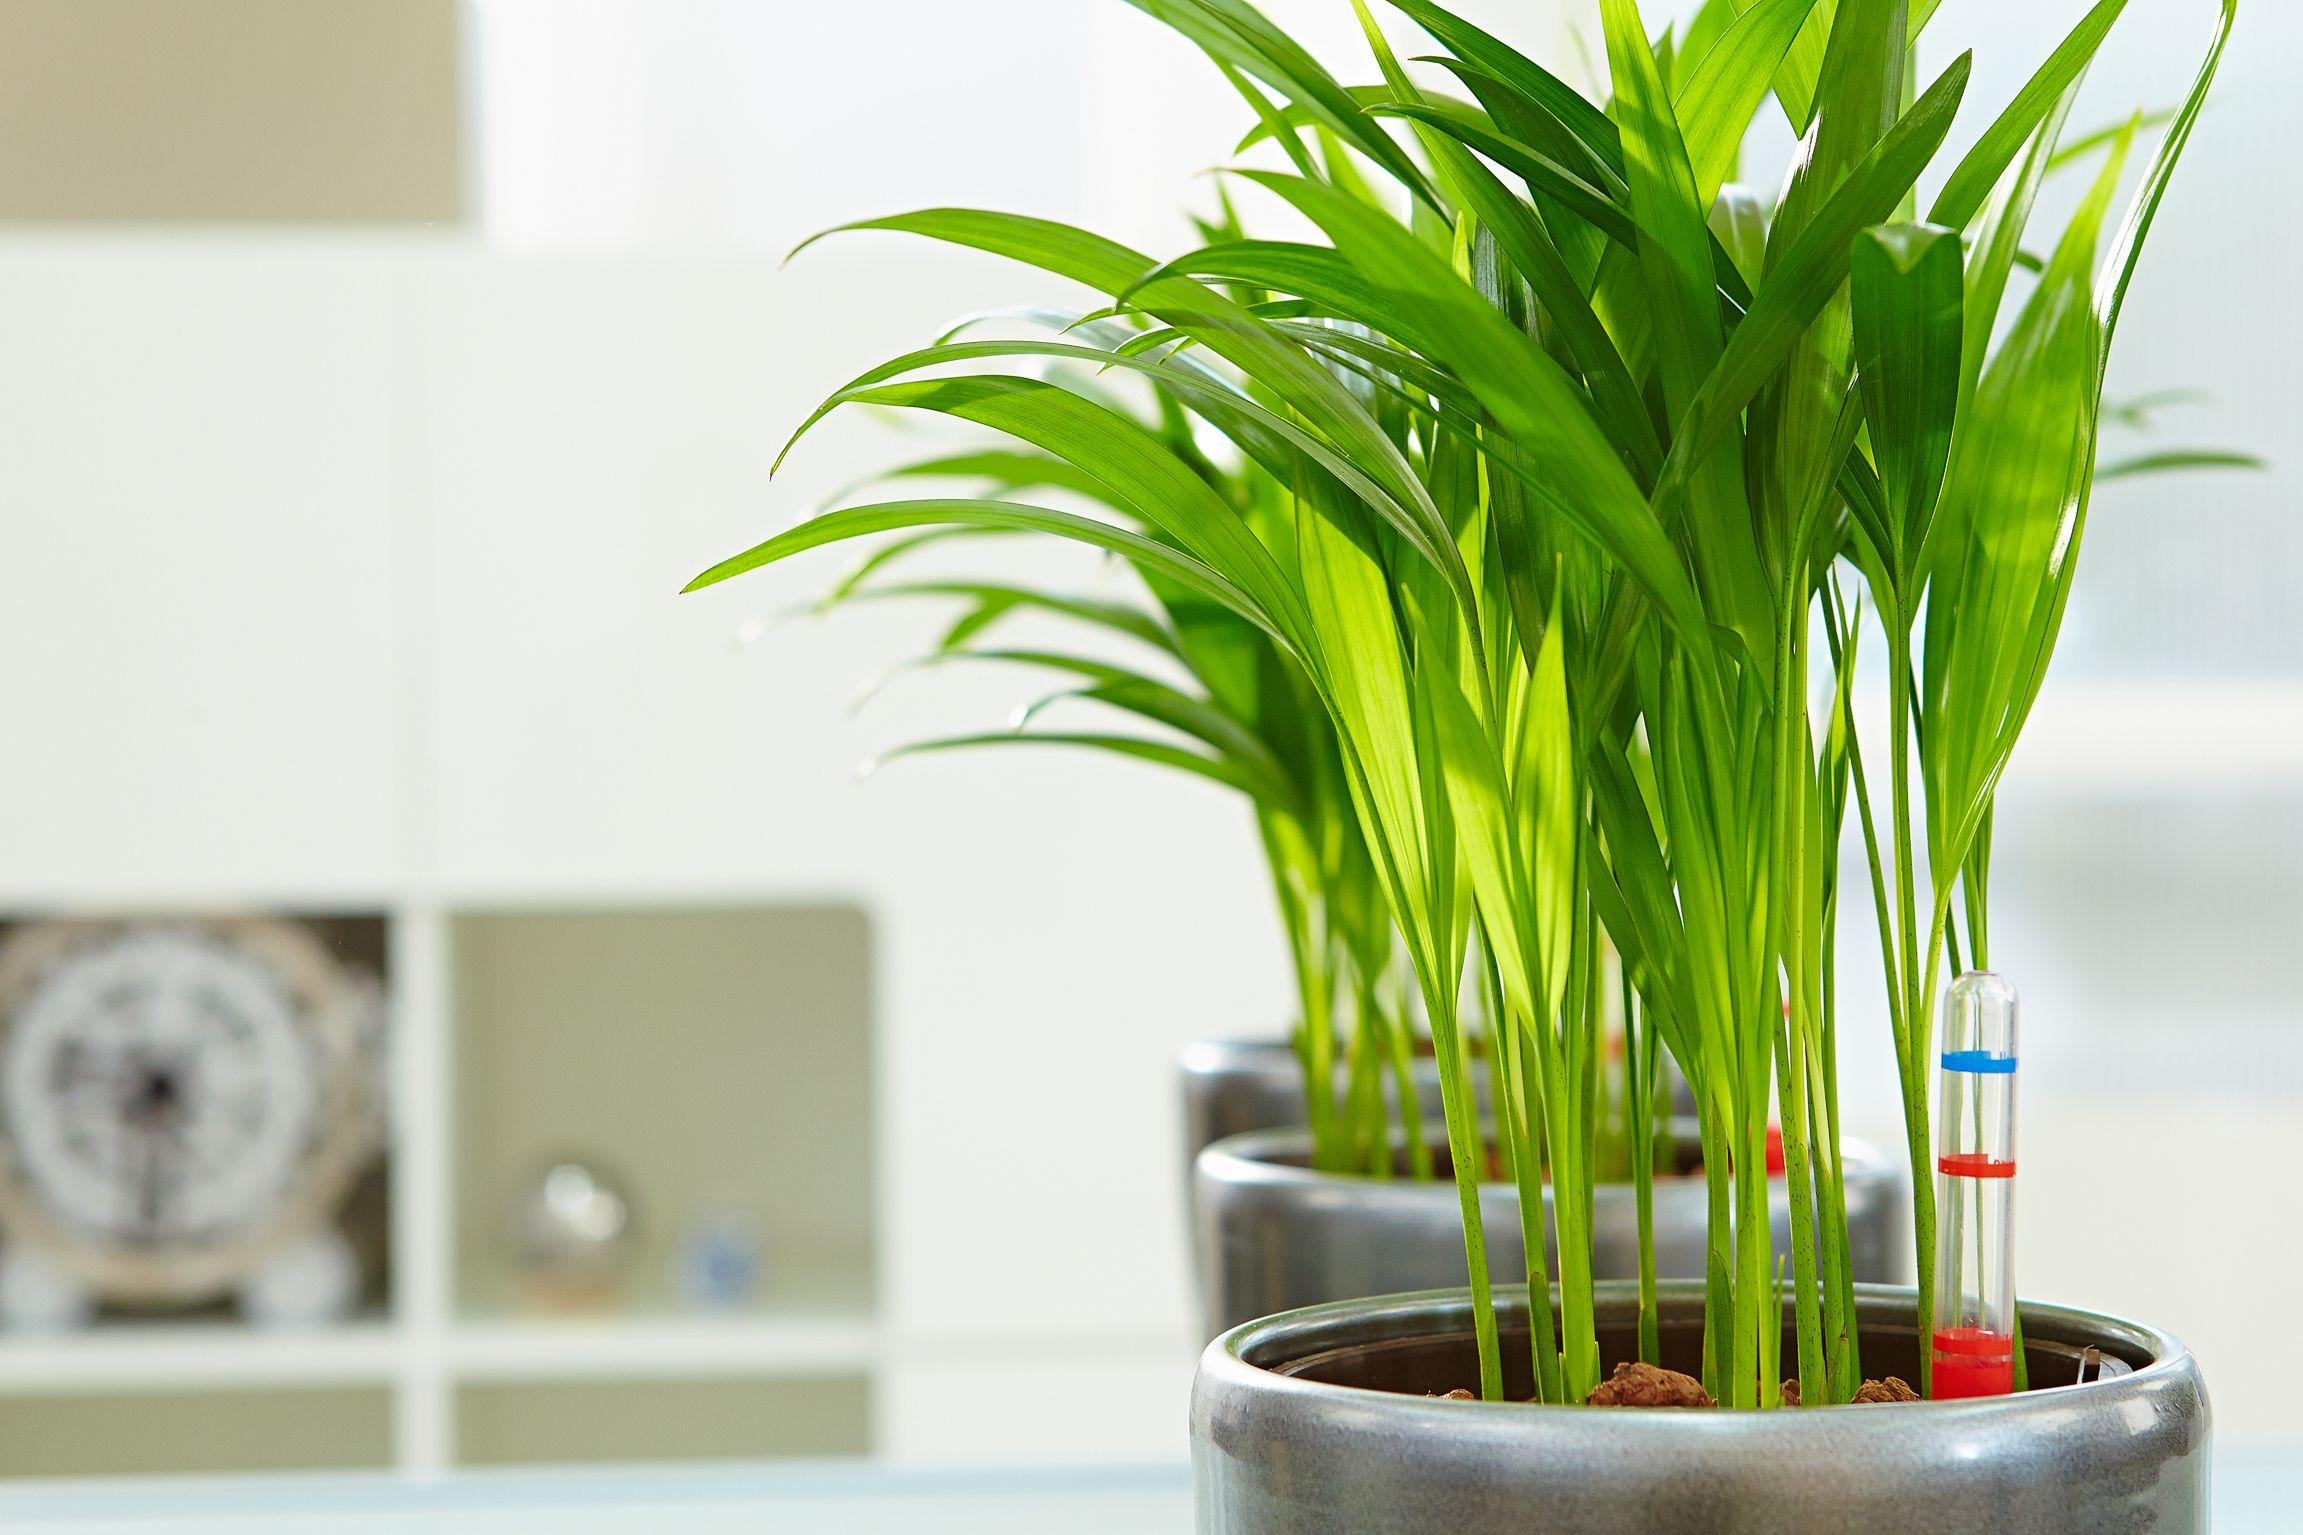 Grüner Trend: Indoor Gardening macht kreativ und glücklich